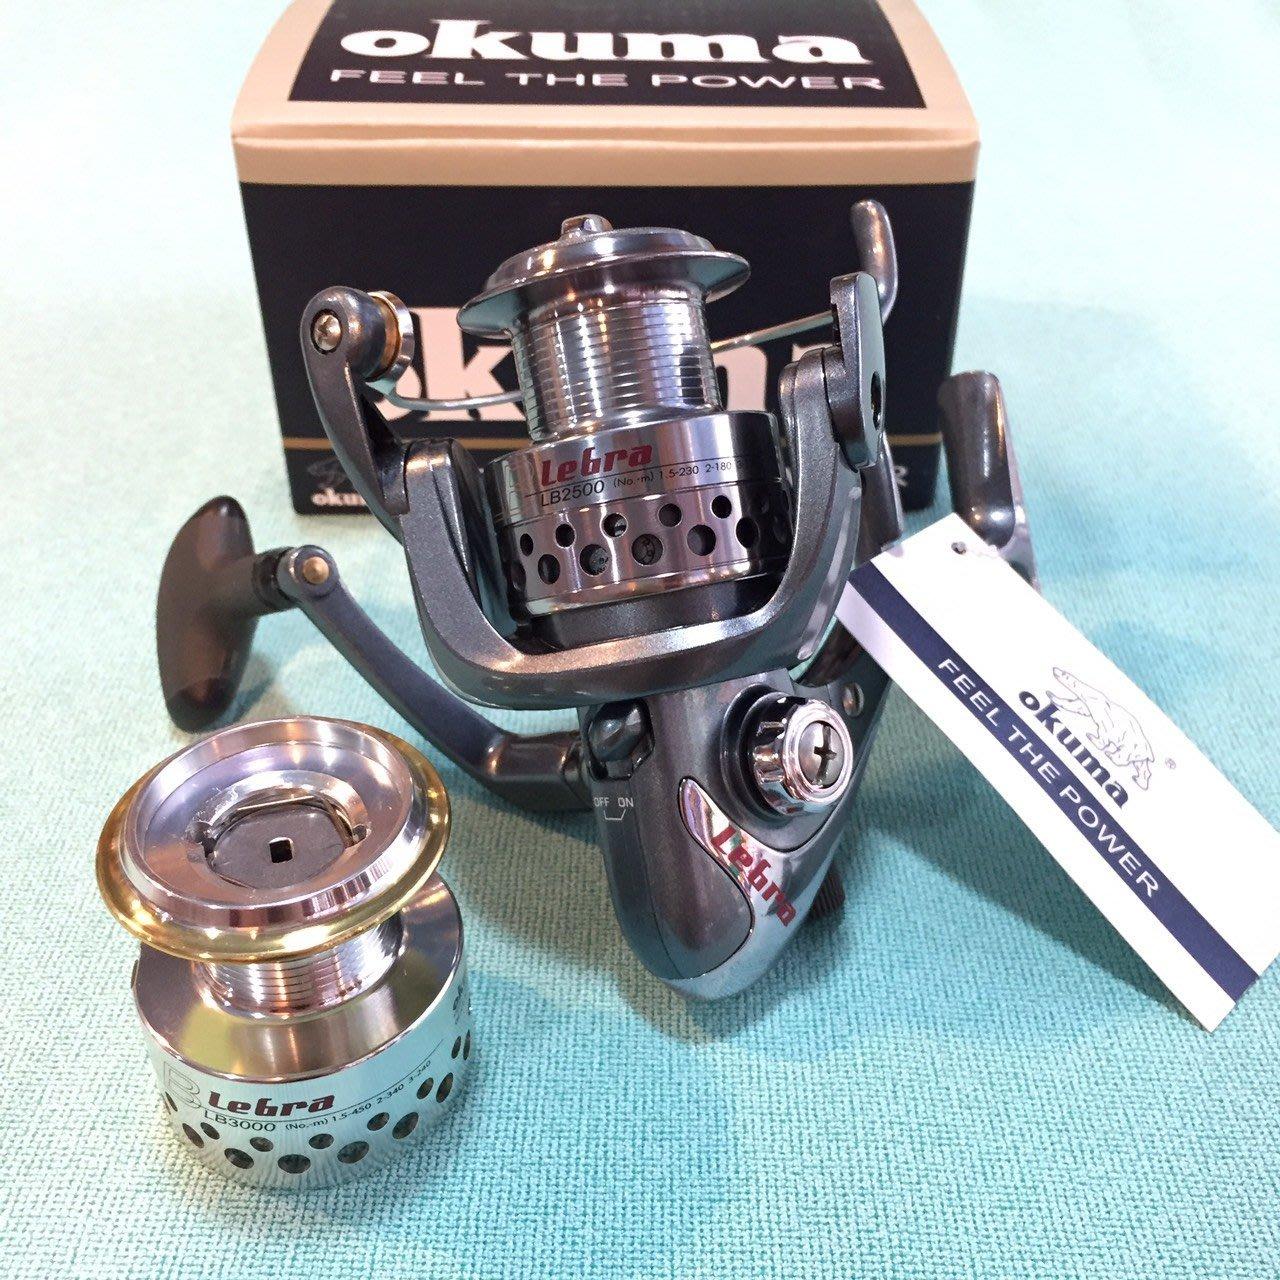 ❖天磯釣具❖ OKUMA寶熊 LEBRA力霸 LB-2500 雙線杯 手煞車捲線器 磯釣必備 免運特惠中!